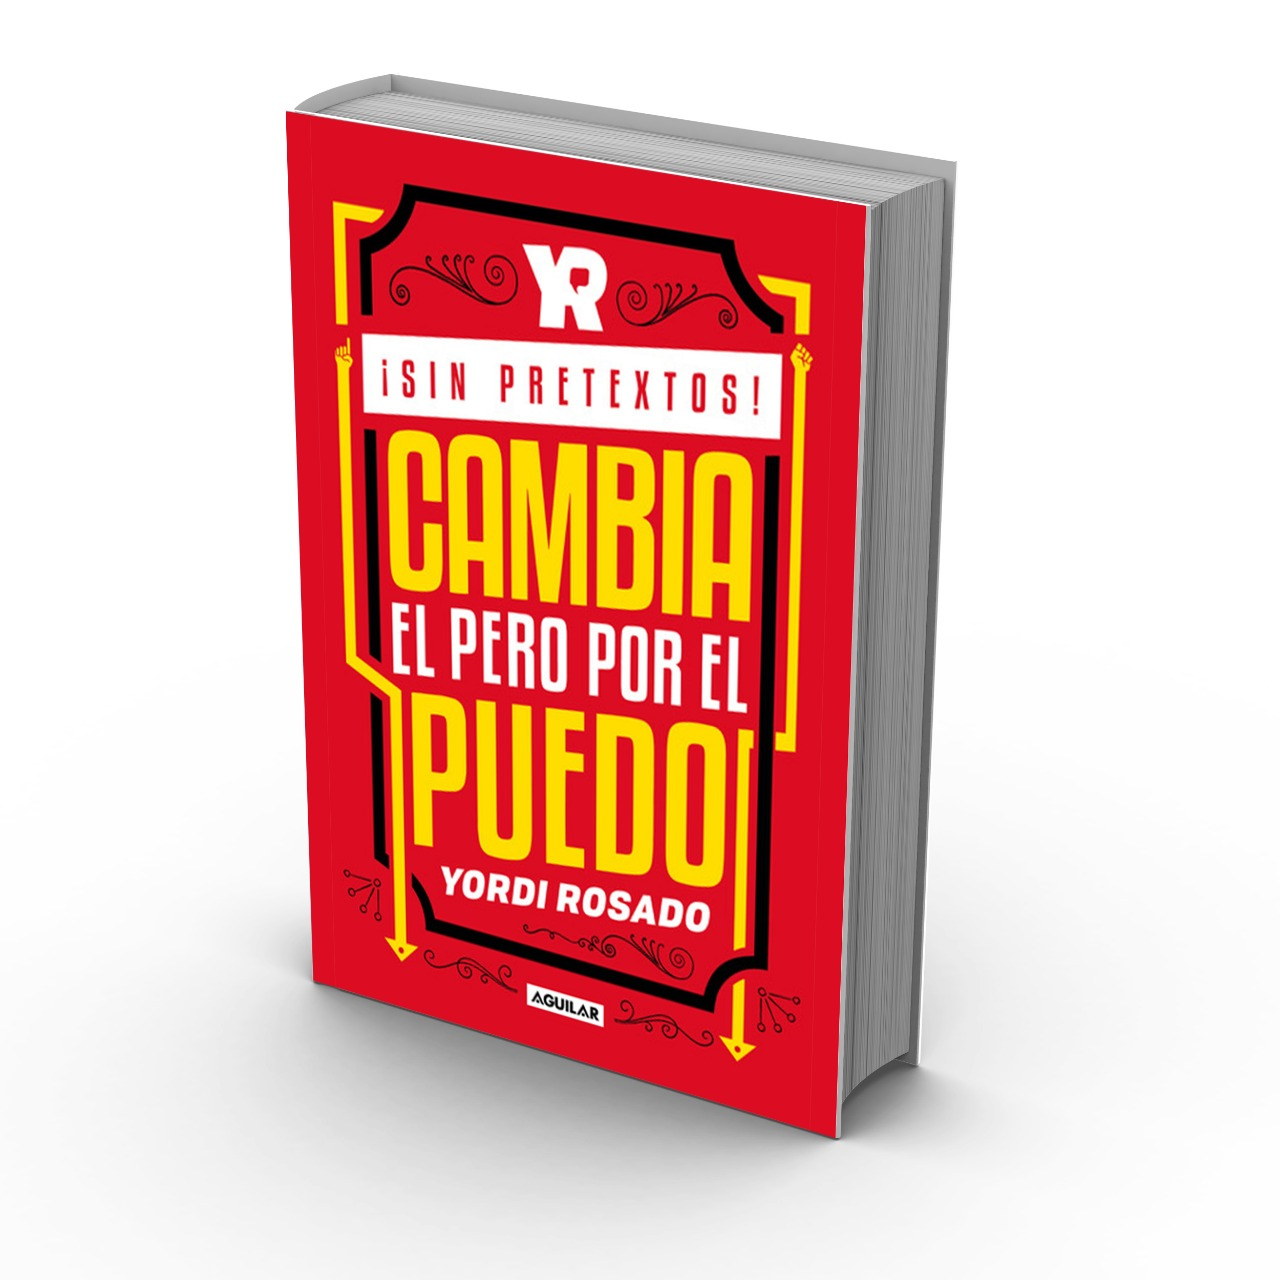 El nuevo libro de Yordi rosado - sin pretextos cambia el pero por el puedo